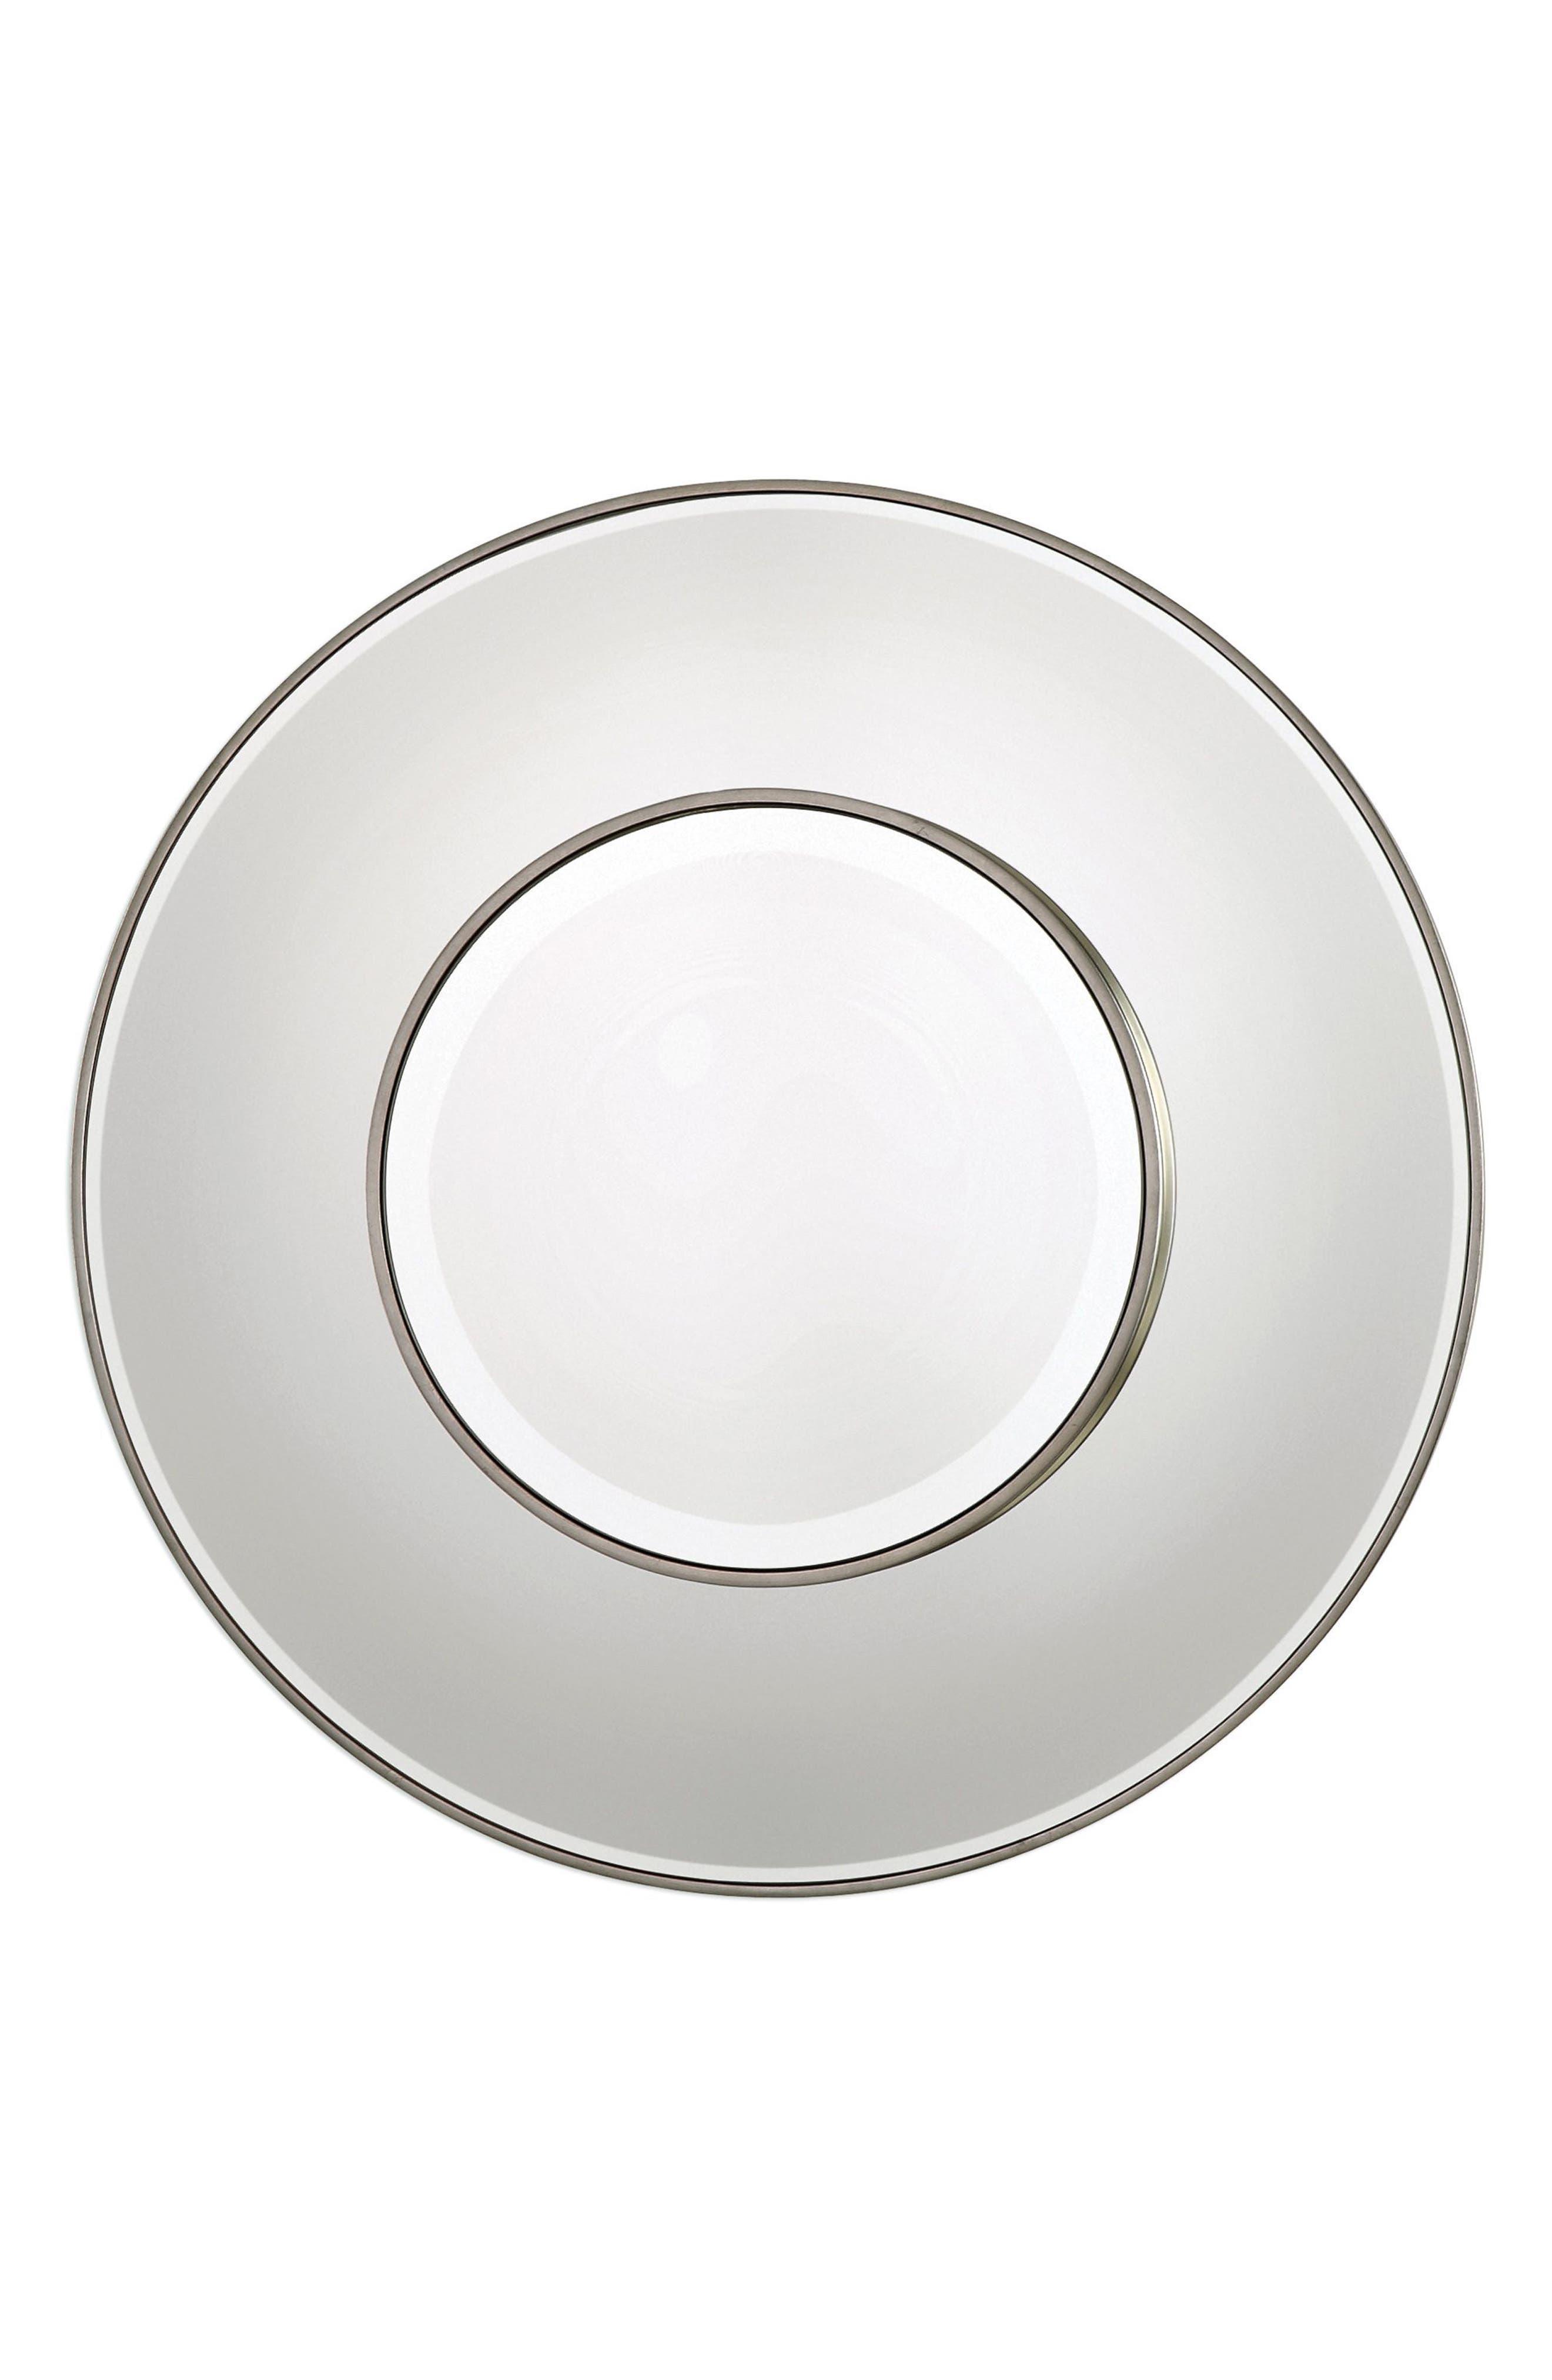 Odelia Wall Mirror,                         Main,                         color, Grey